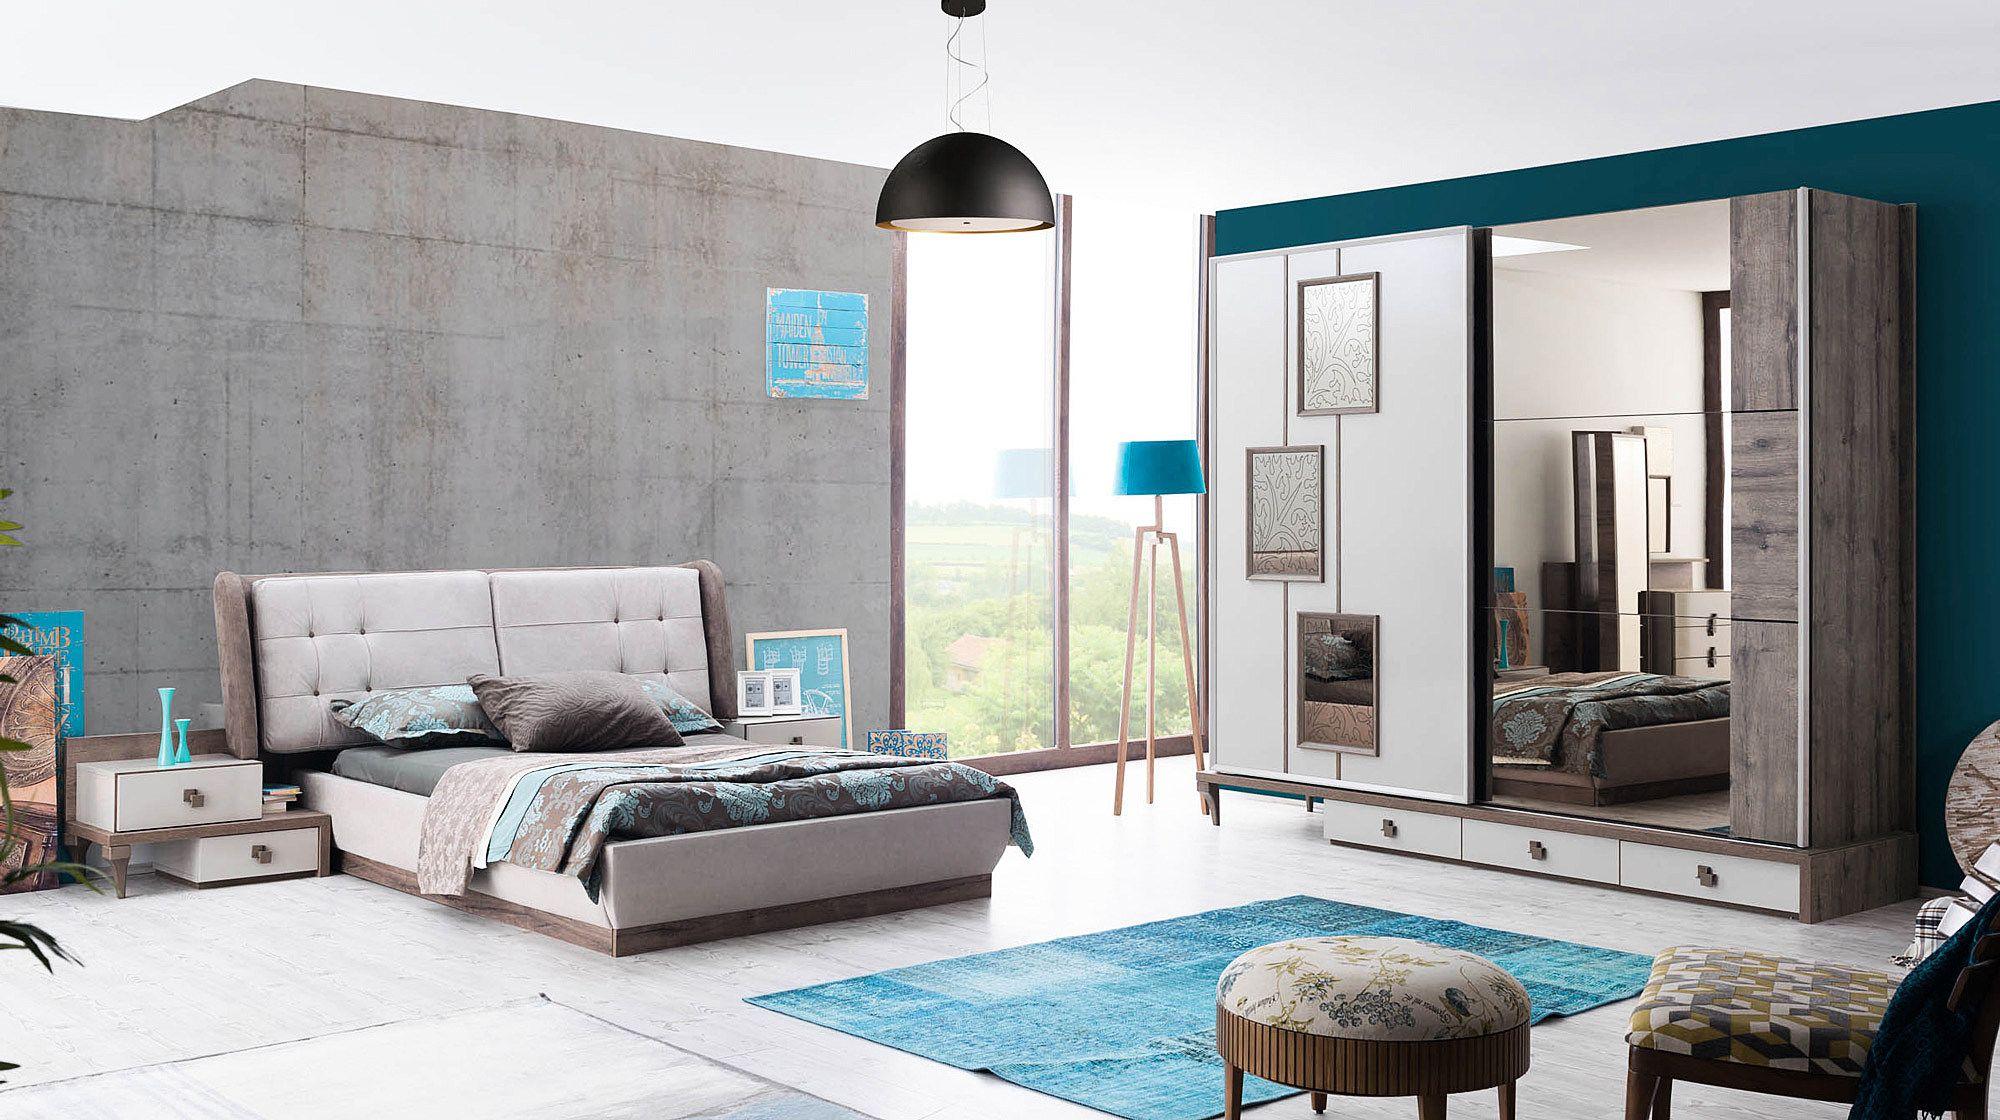 Modern yatak odalar sude yatak odas takm - Mercan Modern Yatak Odas Tak M